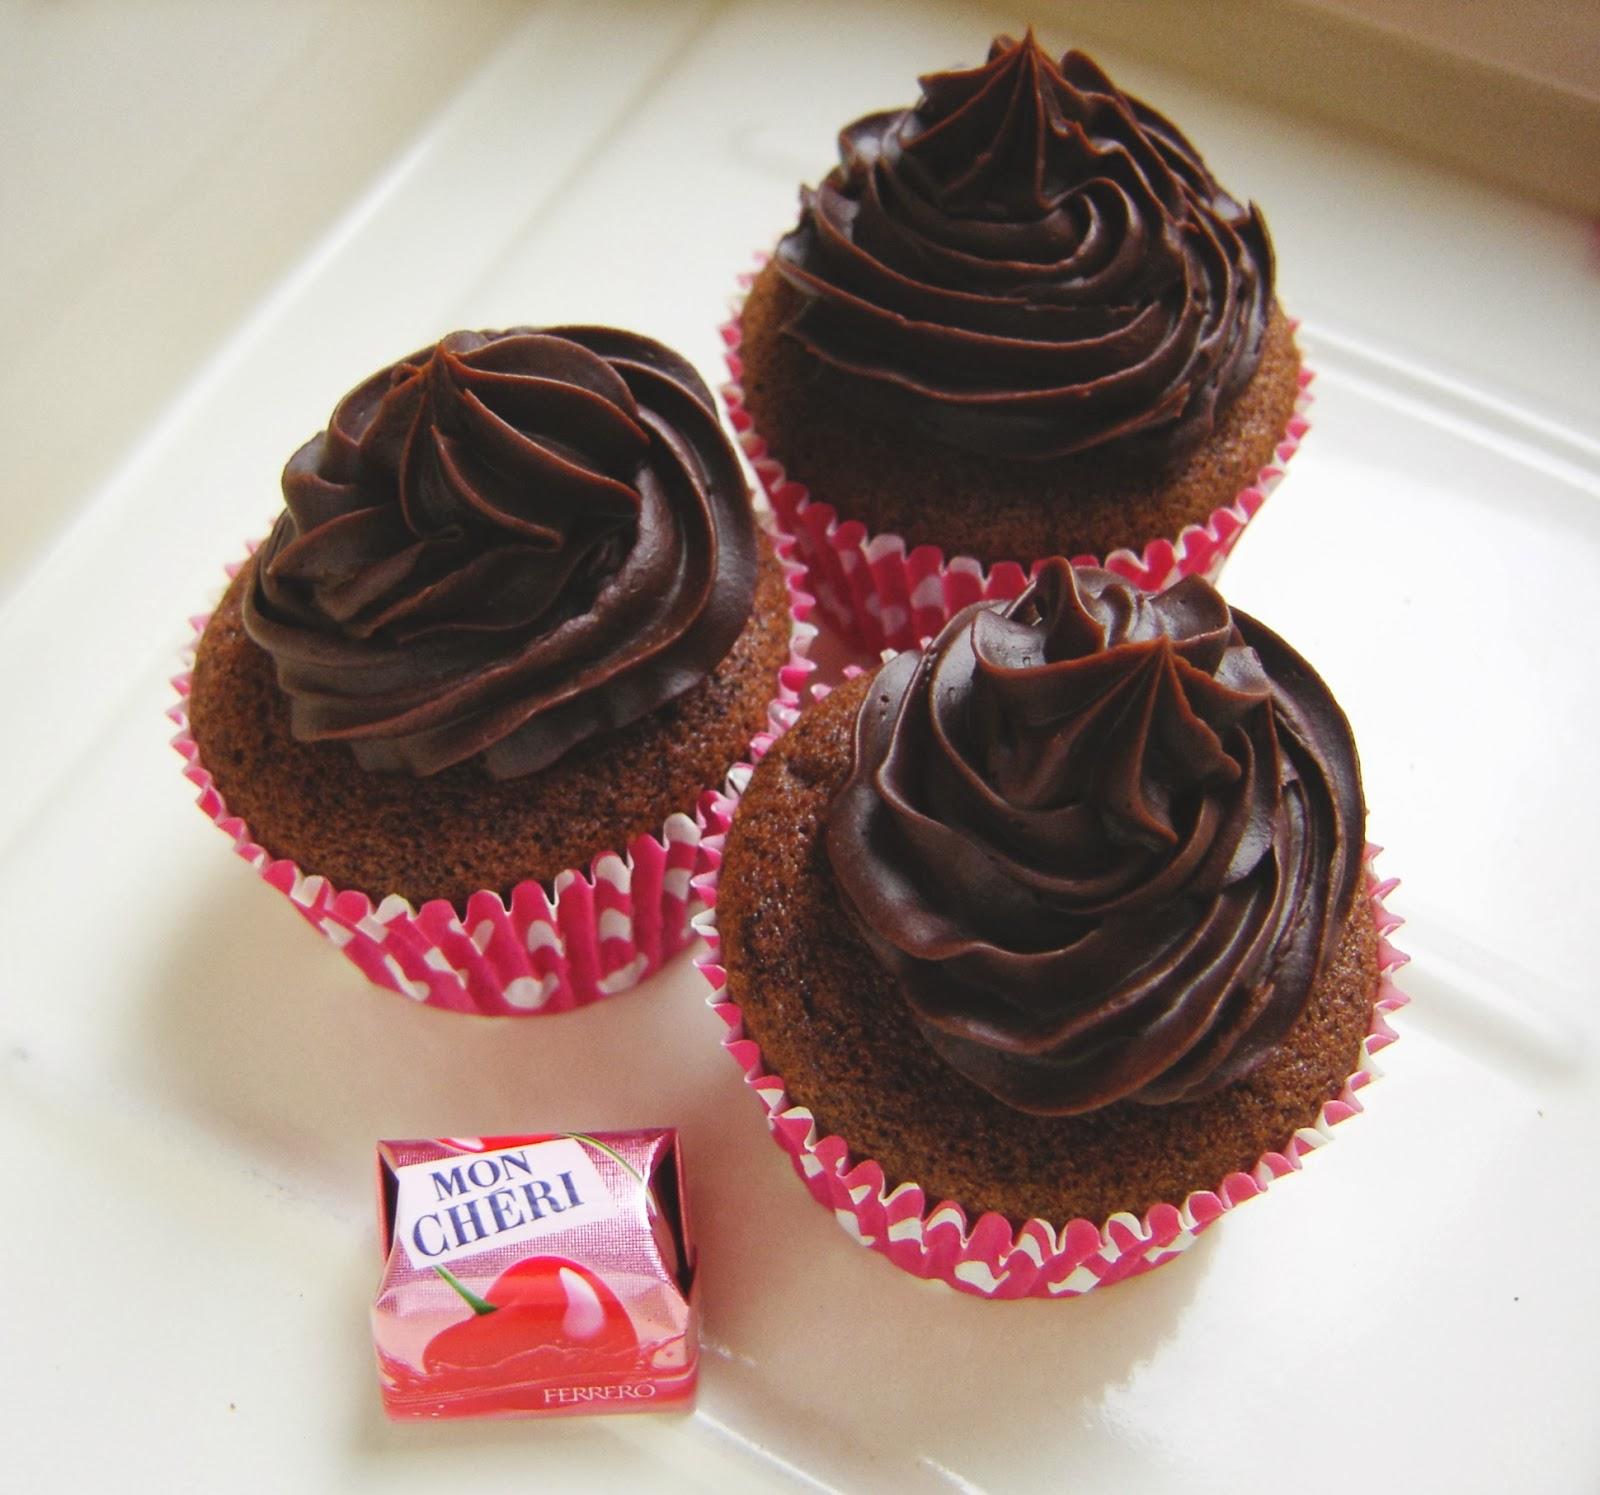 Recept Mon Cherie cupcakes Annekoendigitaal